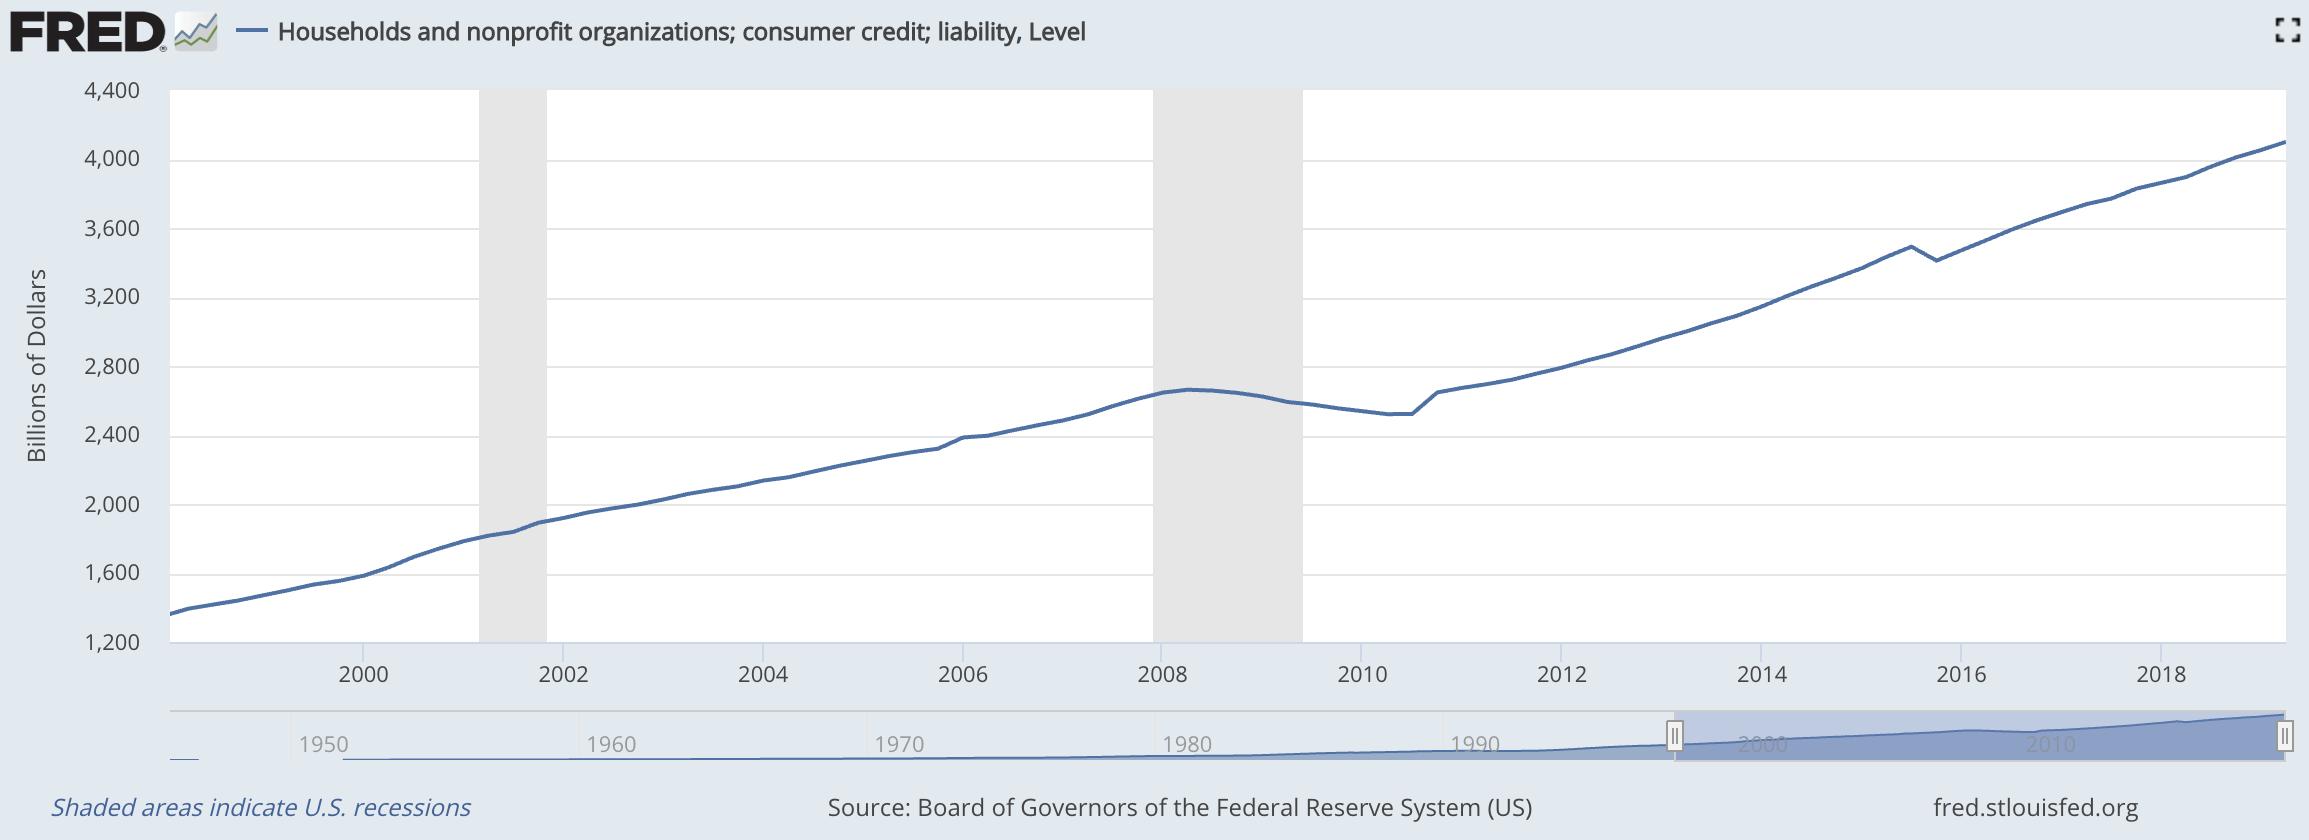 Konsumentenkredite in der US-Bürger